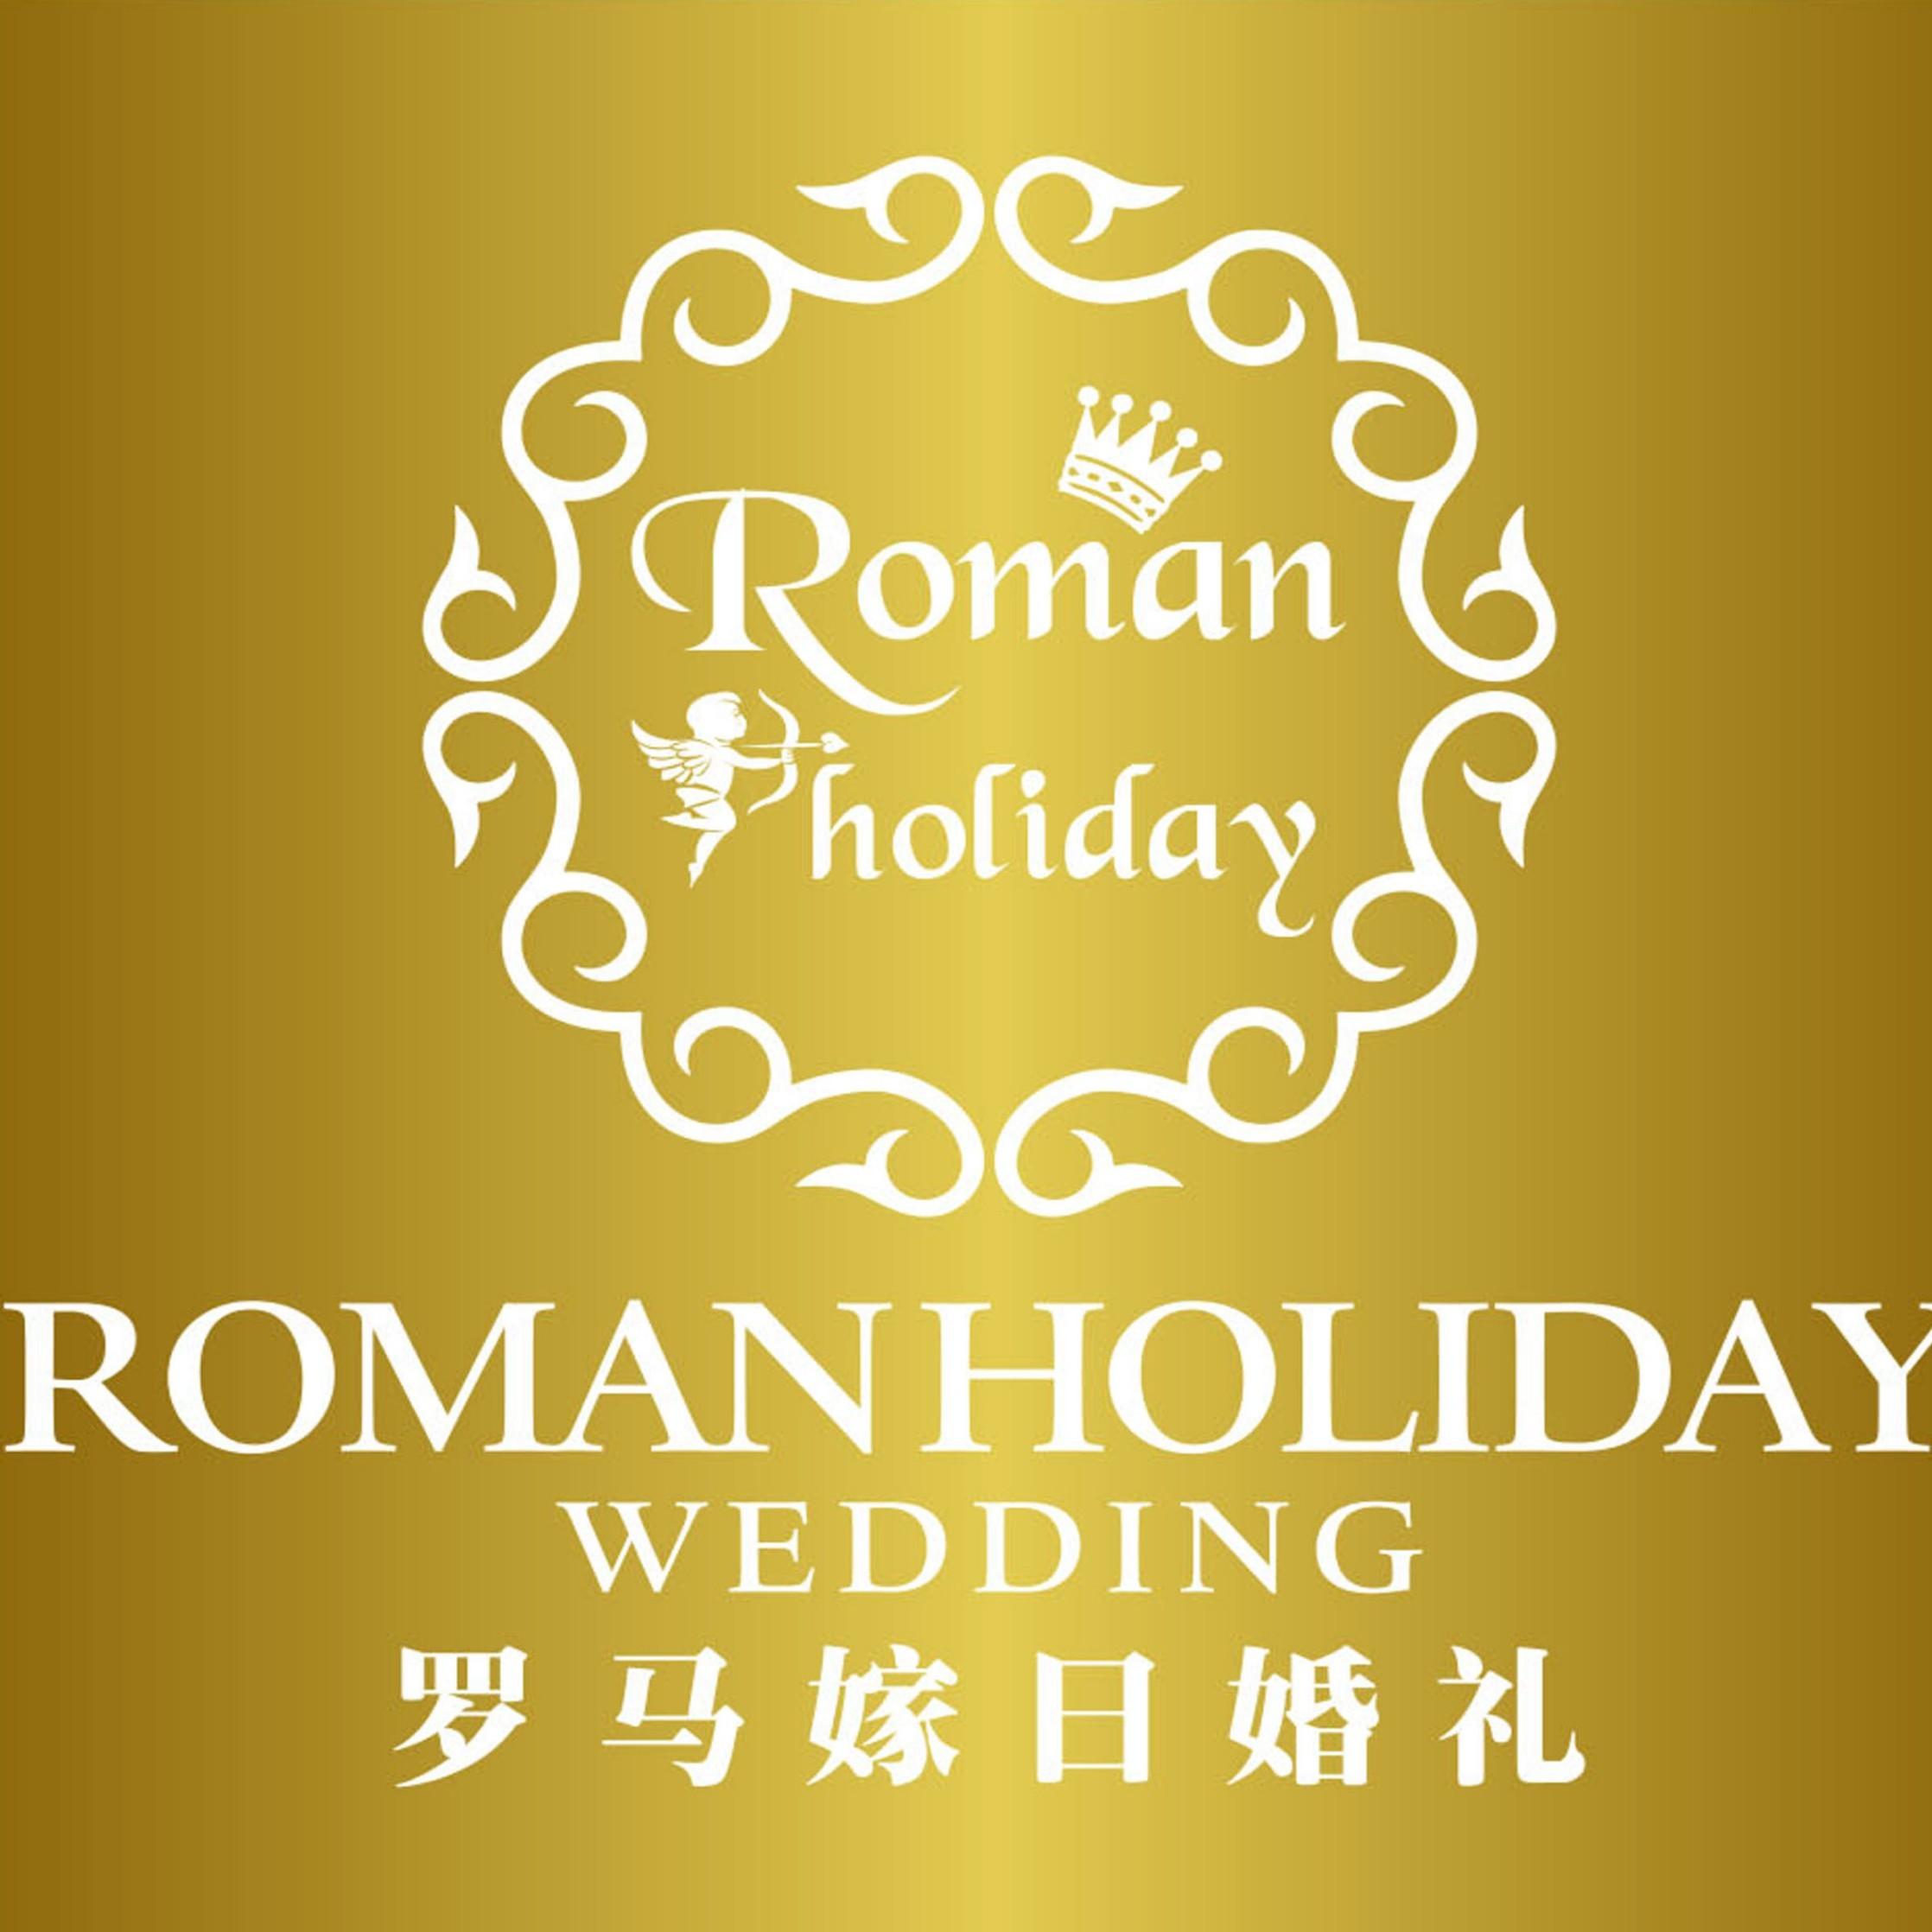 罗马嫁日婚礼